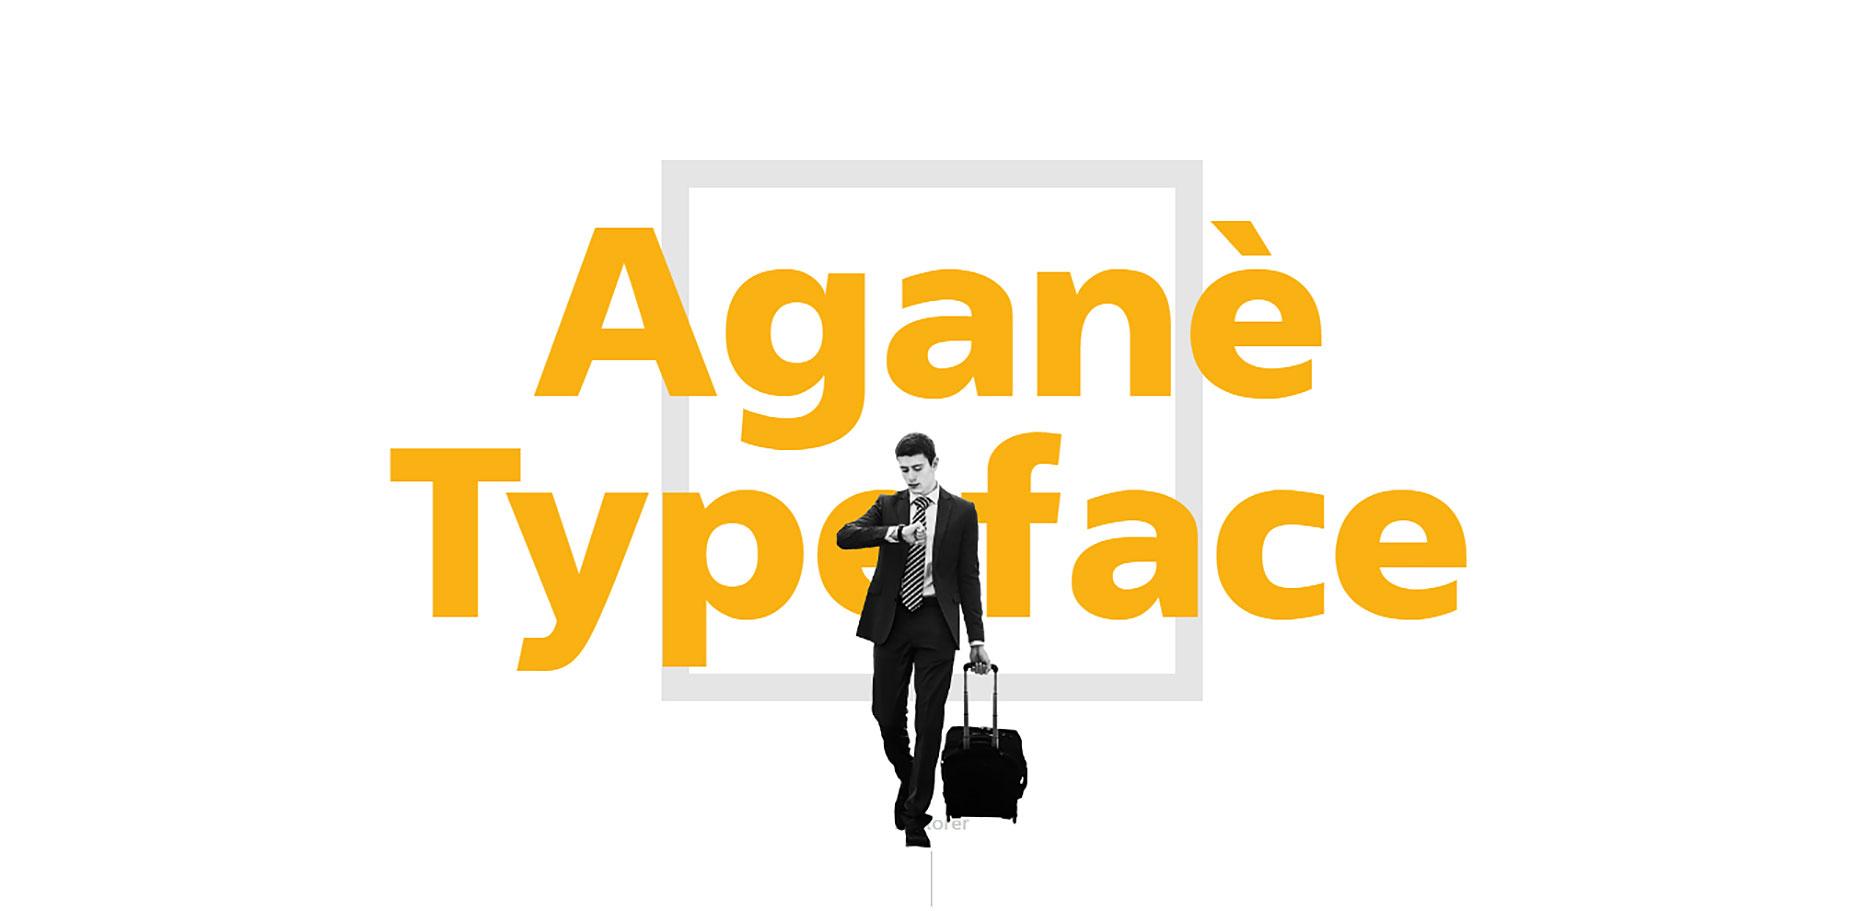 这5种字体设计策略,帮你创造精彩出挑的网页视觉体验